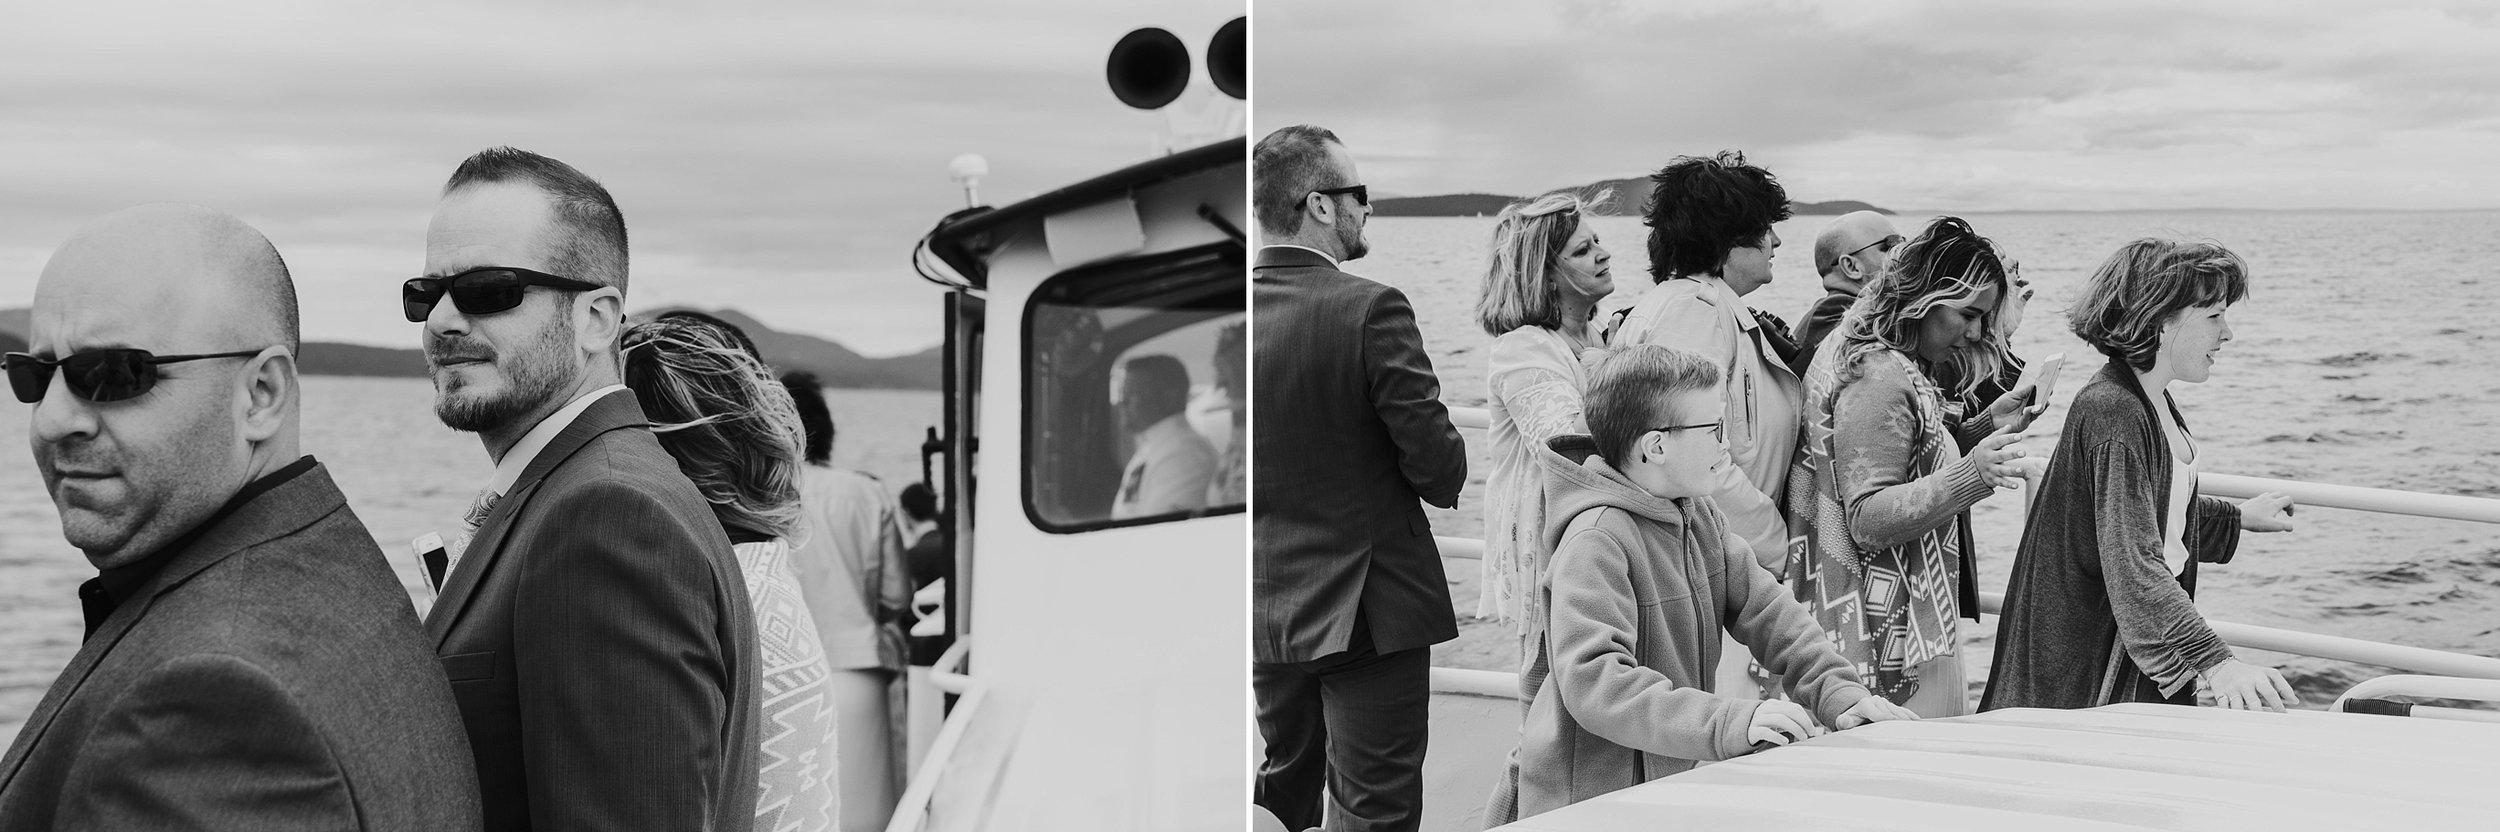 Orcas-Island-Wedding-photographer-J HODGES PHOTOGRAPHY_0188.jpg